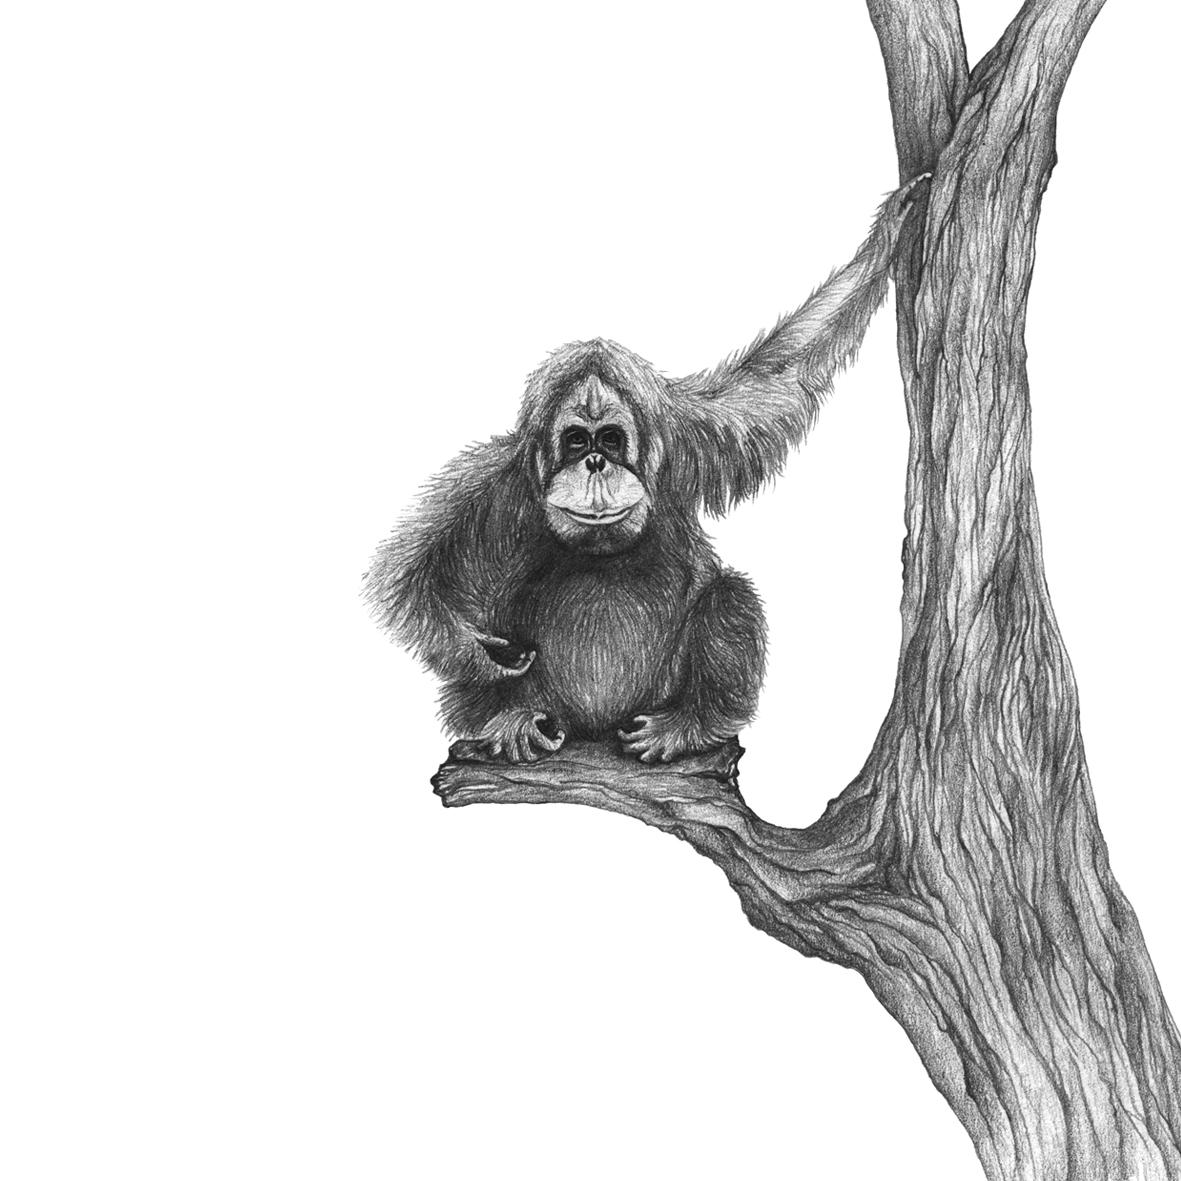 LaleGuralp_Orangutan3.jpg